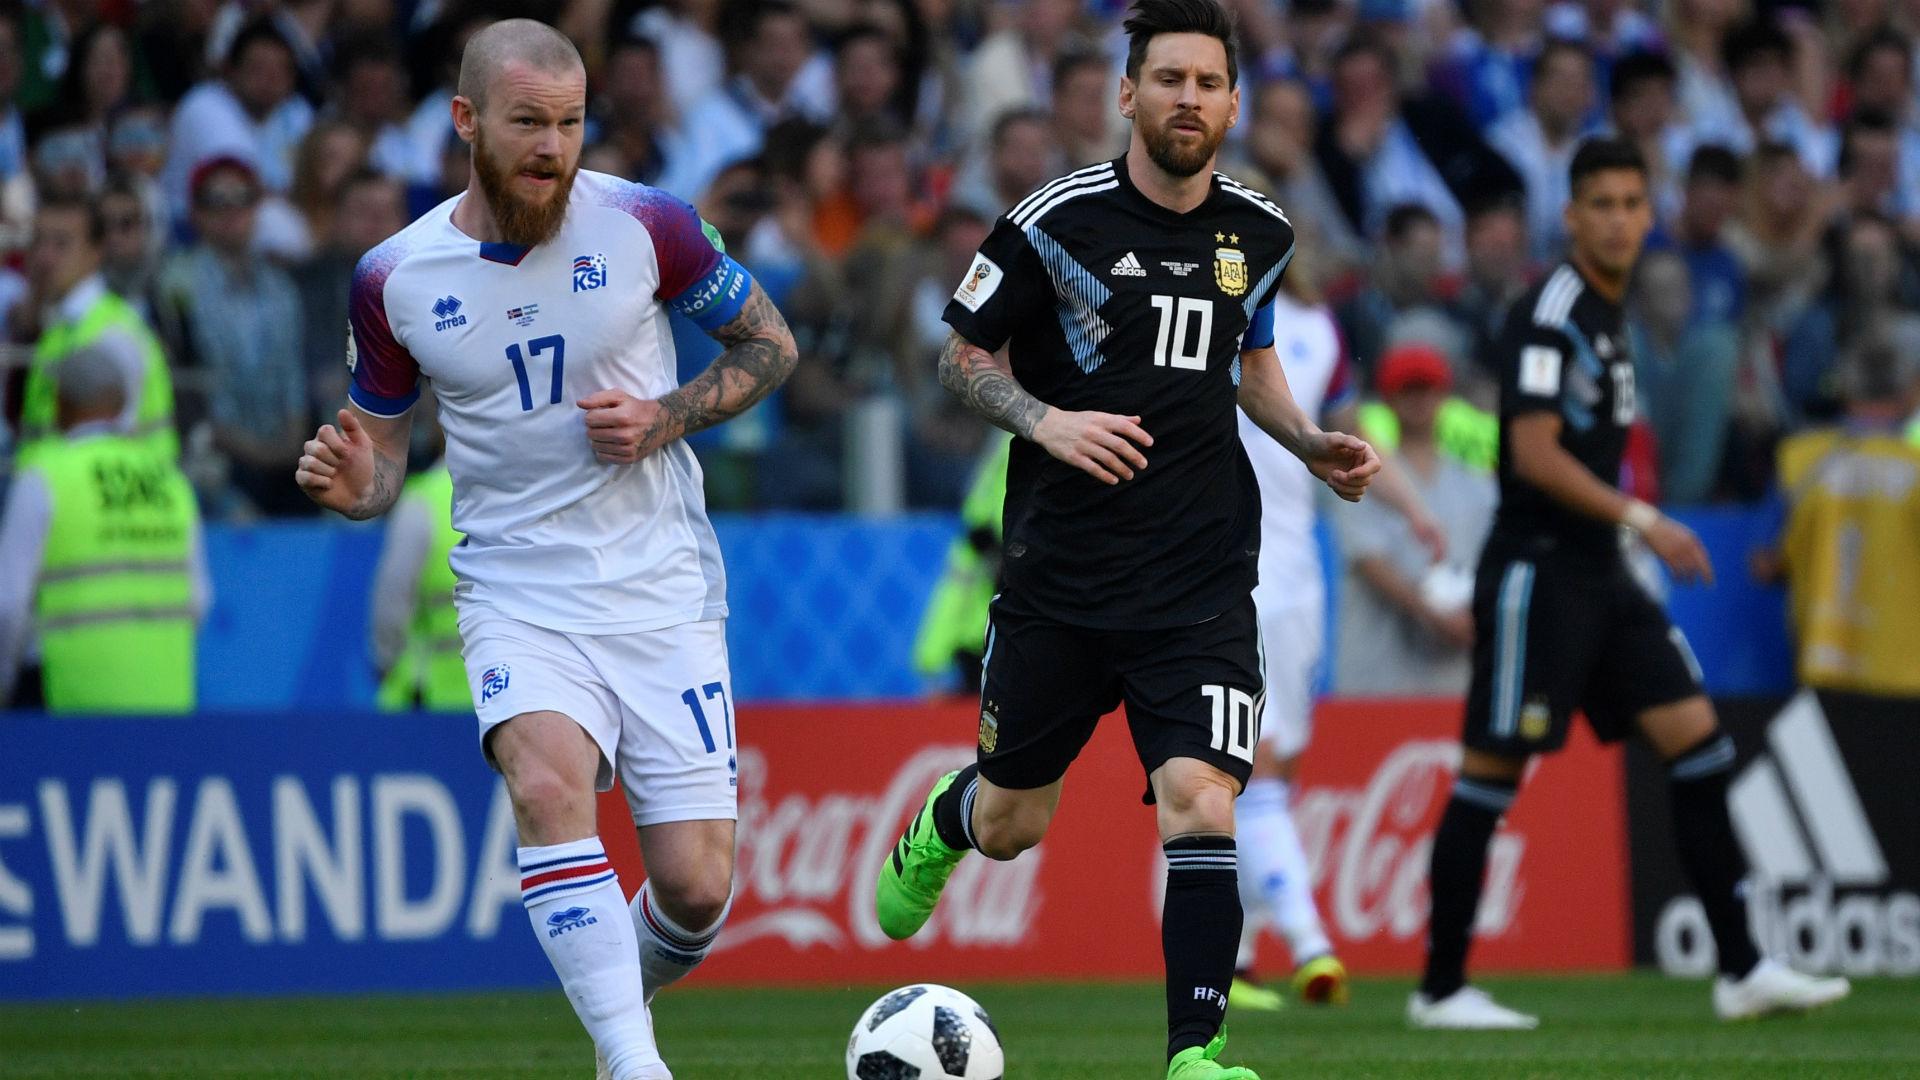 المونديال: ايسلندا تفرض التعادل على الأرجنتين.. وميسي يربك حسابات